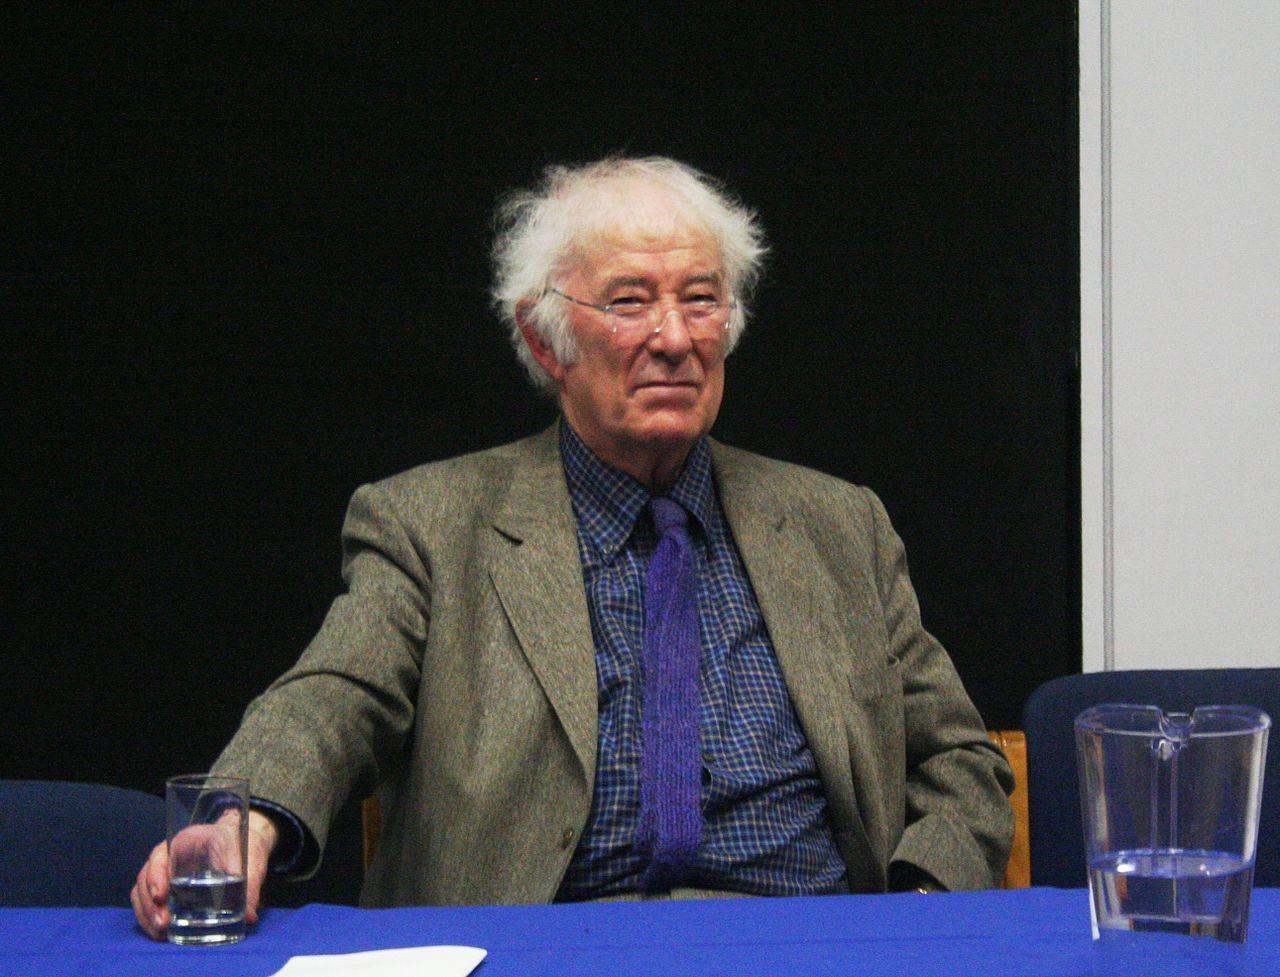 Seamus Heaney, 2009